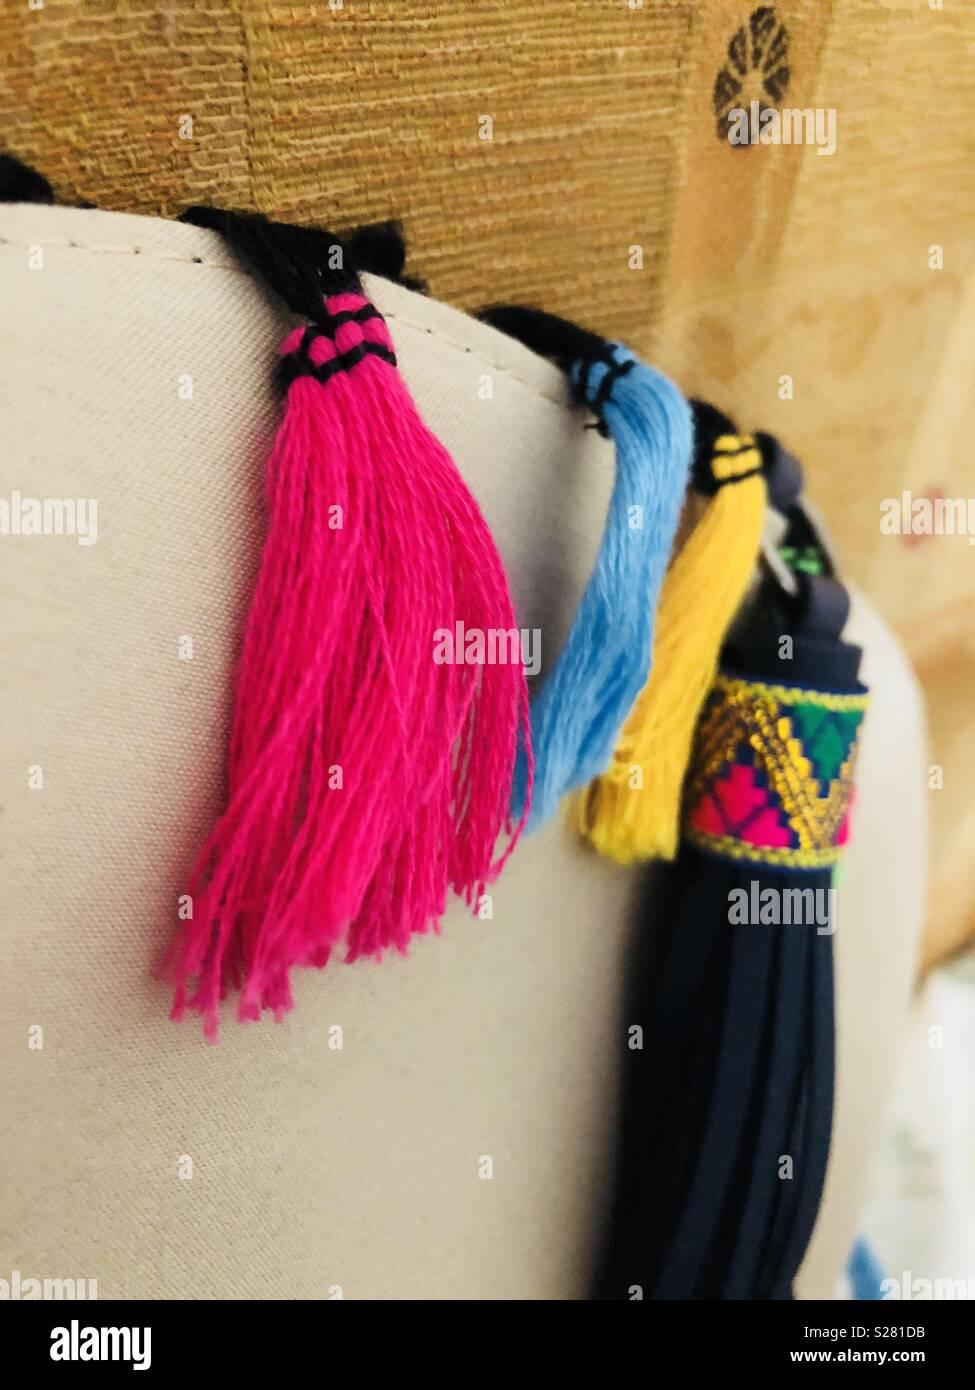 Des pompons colorés Banque D Images, Photo Stock  311192711 - Alamy eca4d03a7b4